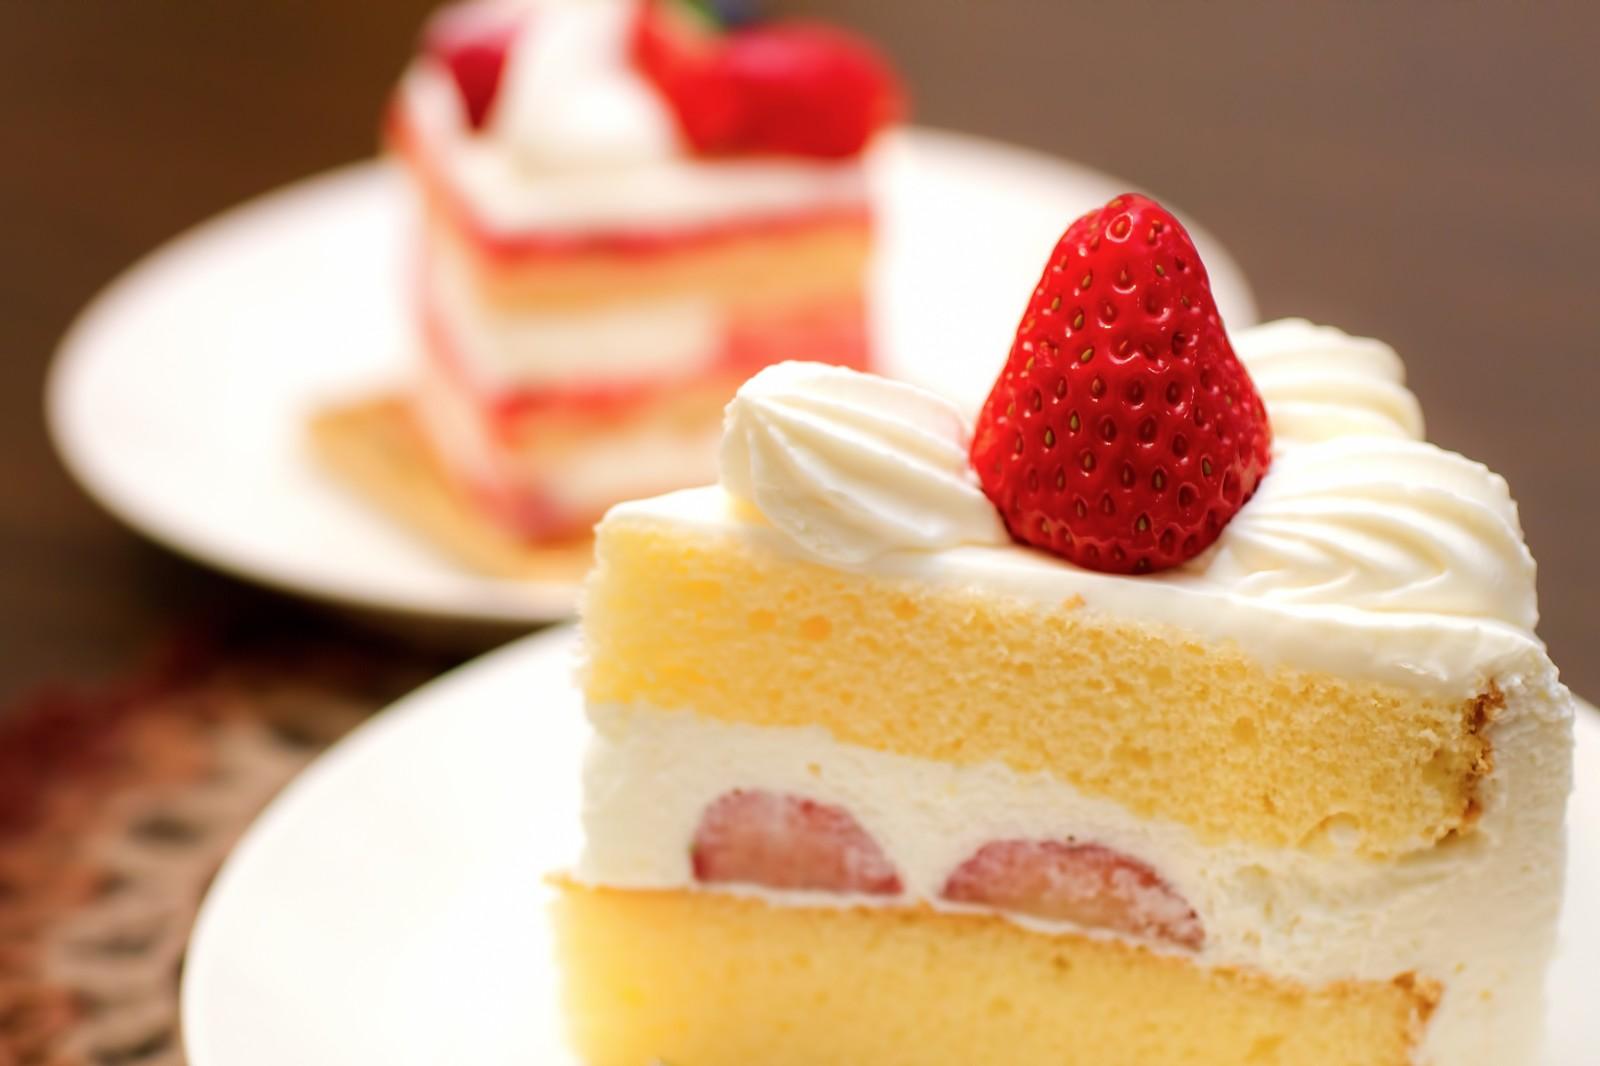 神戸おすすめケーキ屋さん特集!有名店や人気のバイキングなど!